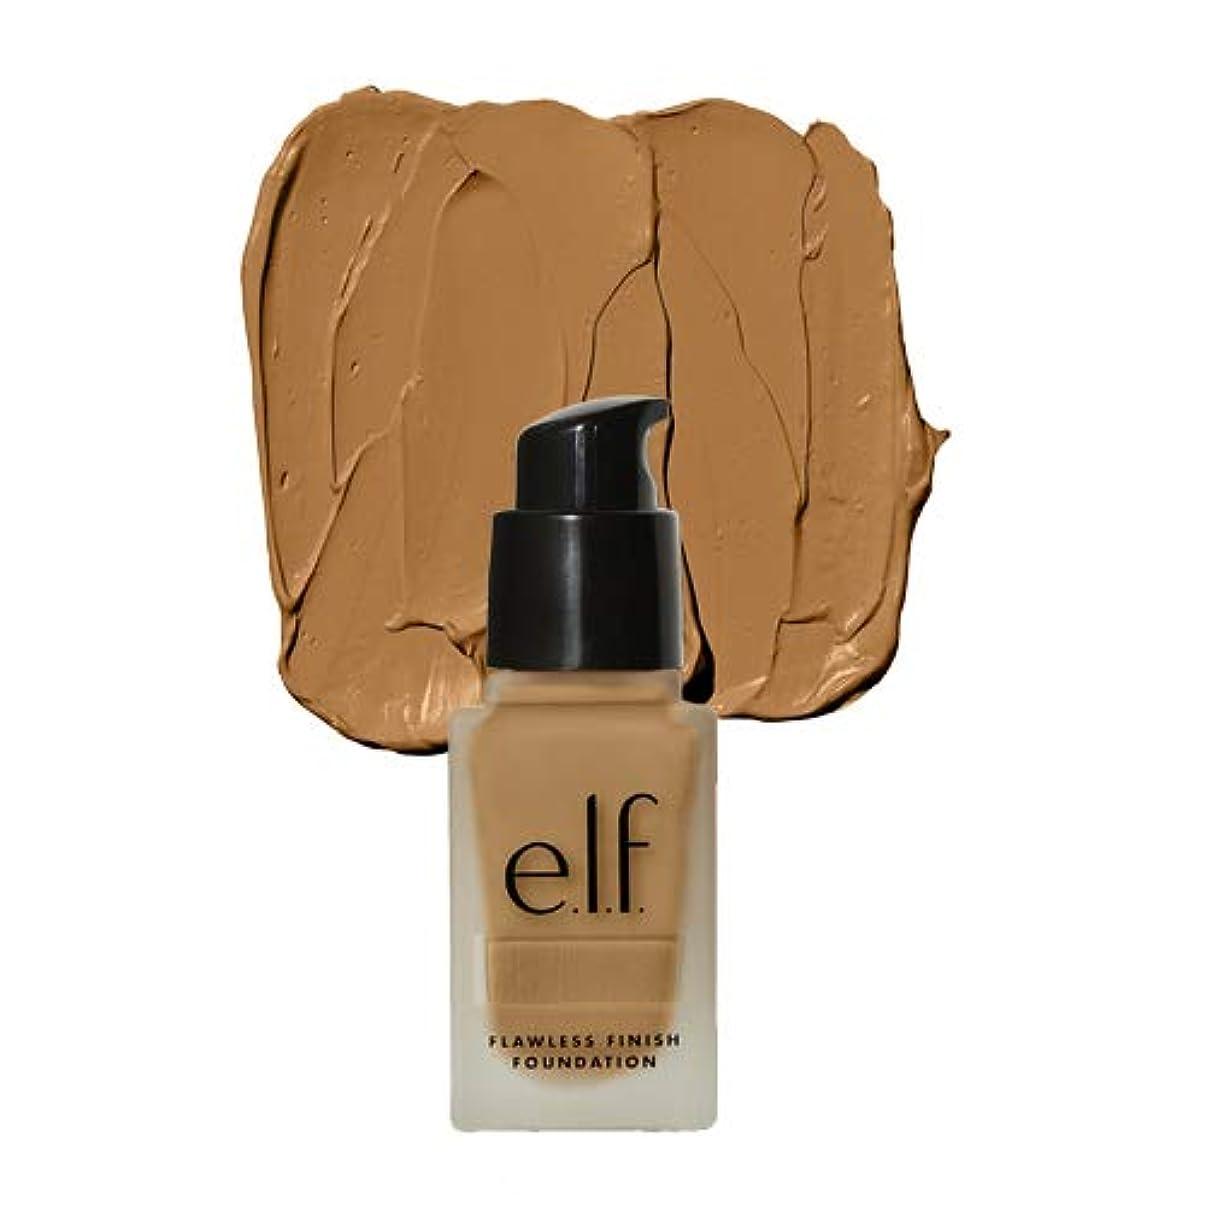 起点邪魔するハーネス(6 Pack) e.l.f. Oil Free Flawless Finish Foundation - Linen (並行輸入品)